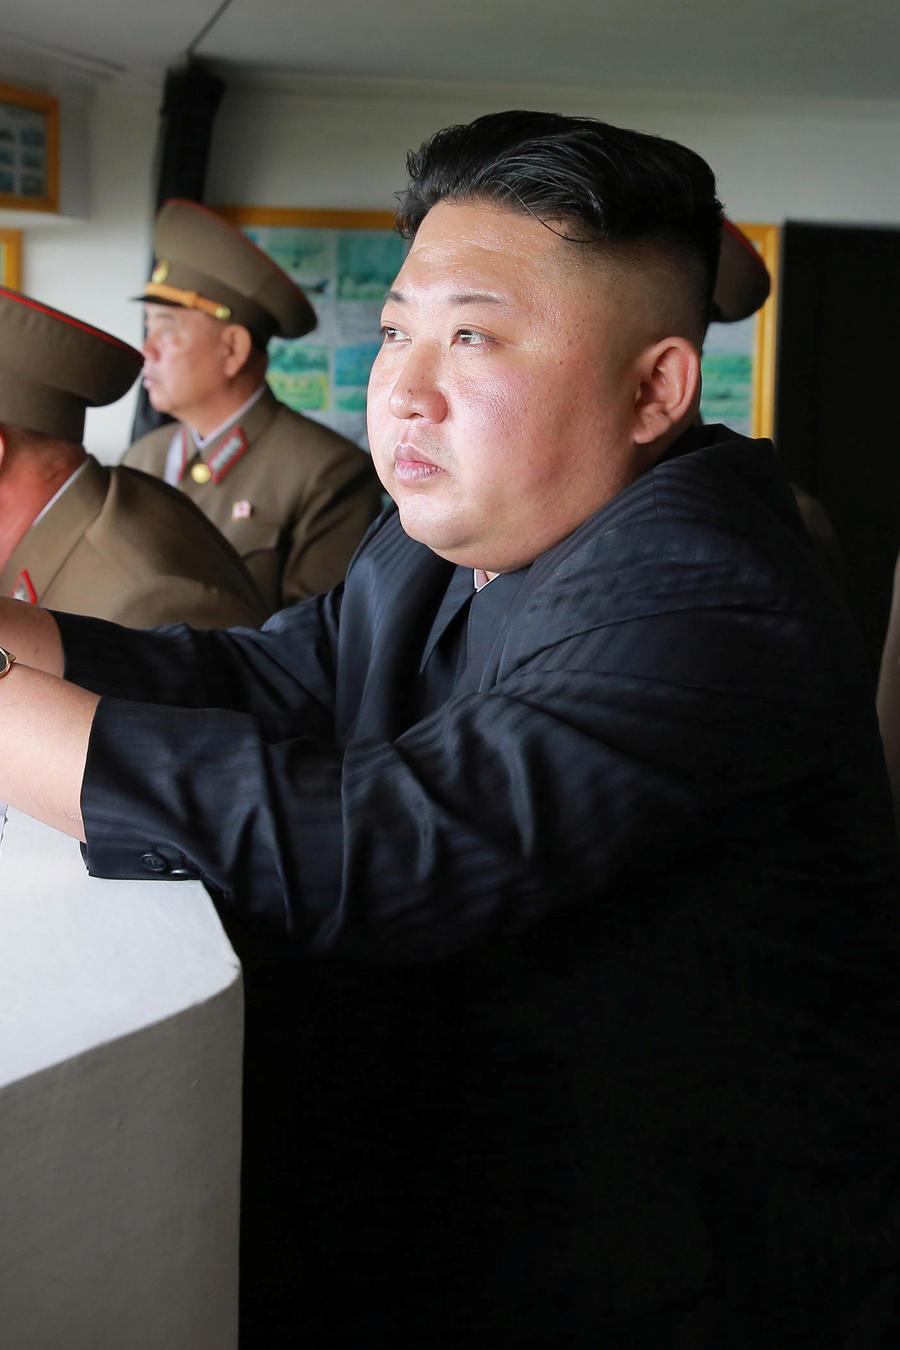 El líder de Corea del Norte, Kim Jong Un, visita el viernes 5 de mayo del 2017 una instalación militar desde donde vigilan territorio surcoreano